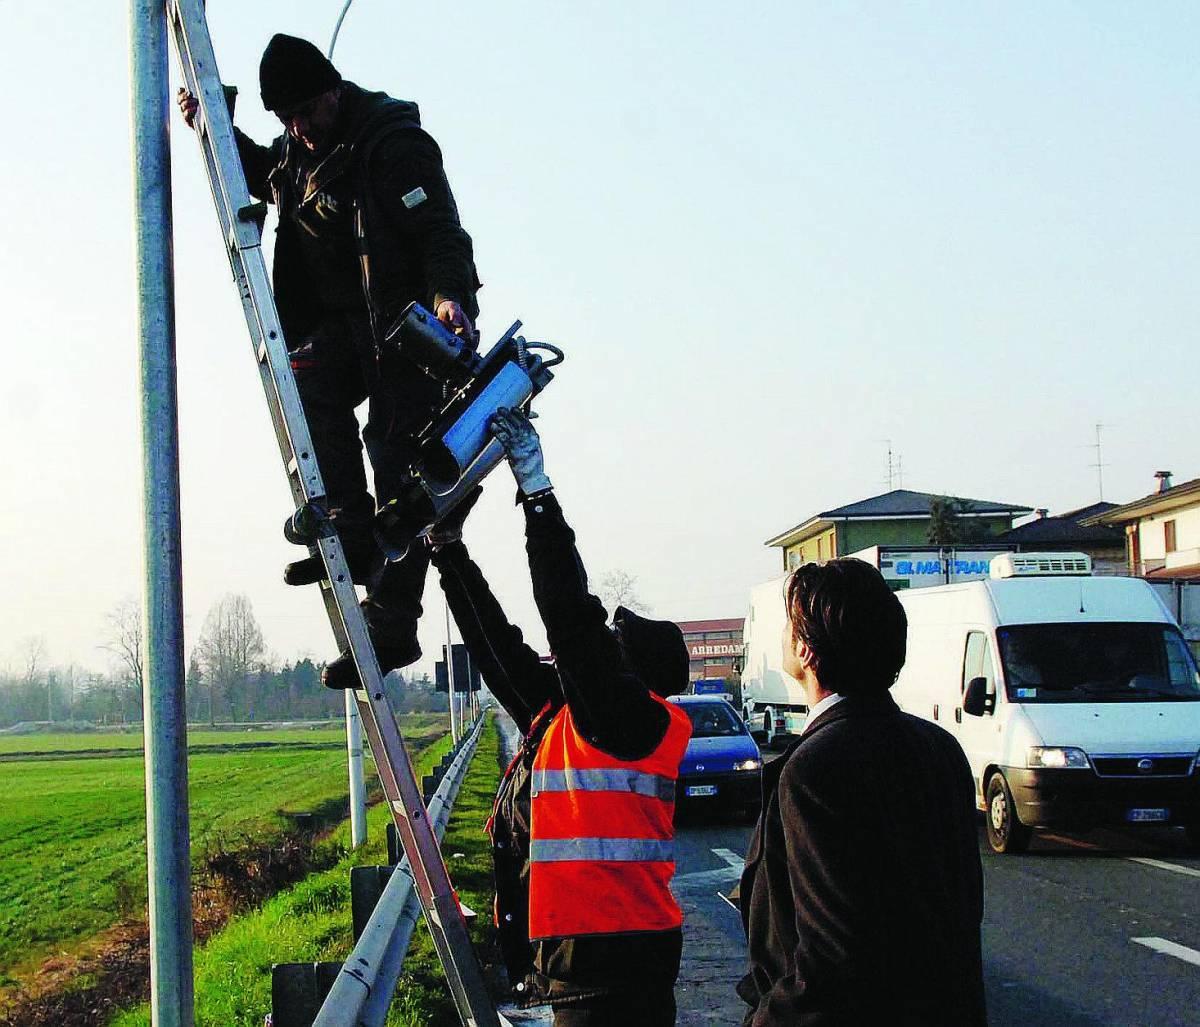 Semafori col trucco sequestrati in dieci Comuni dell'hinterland